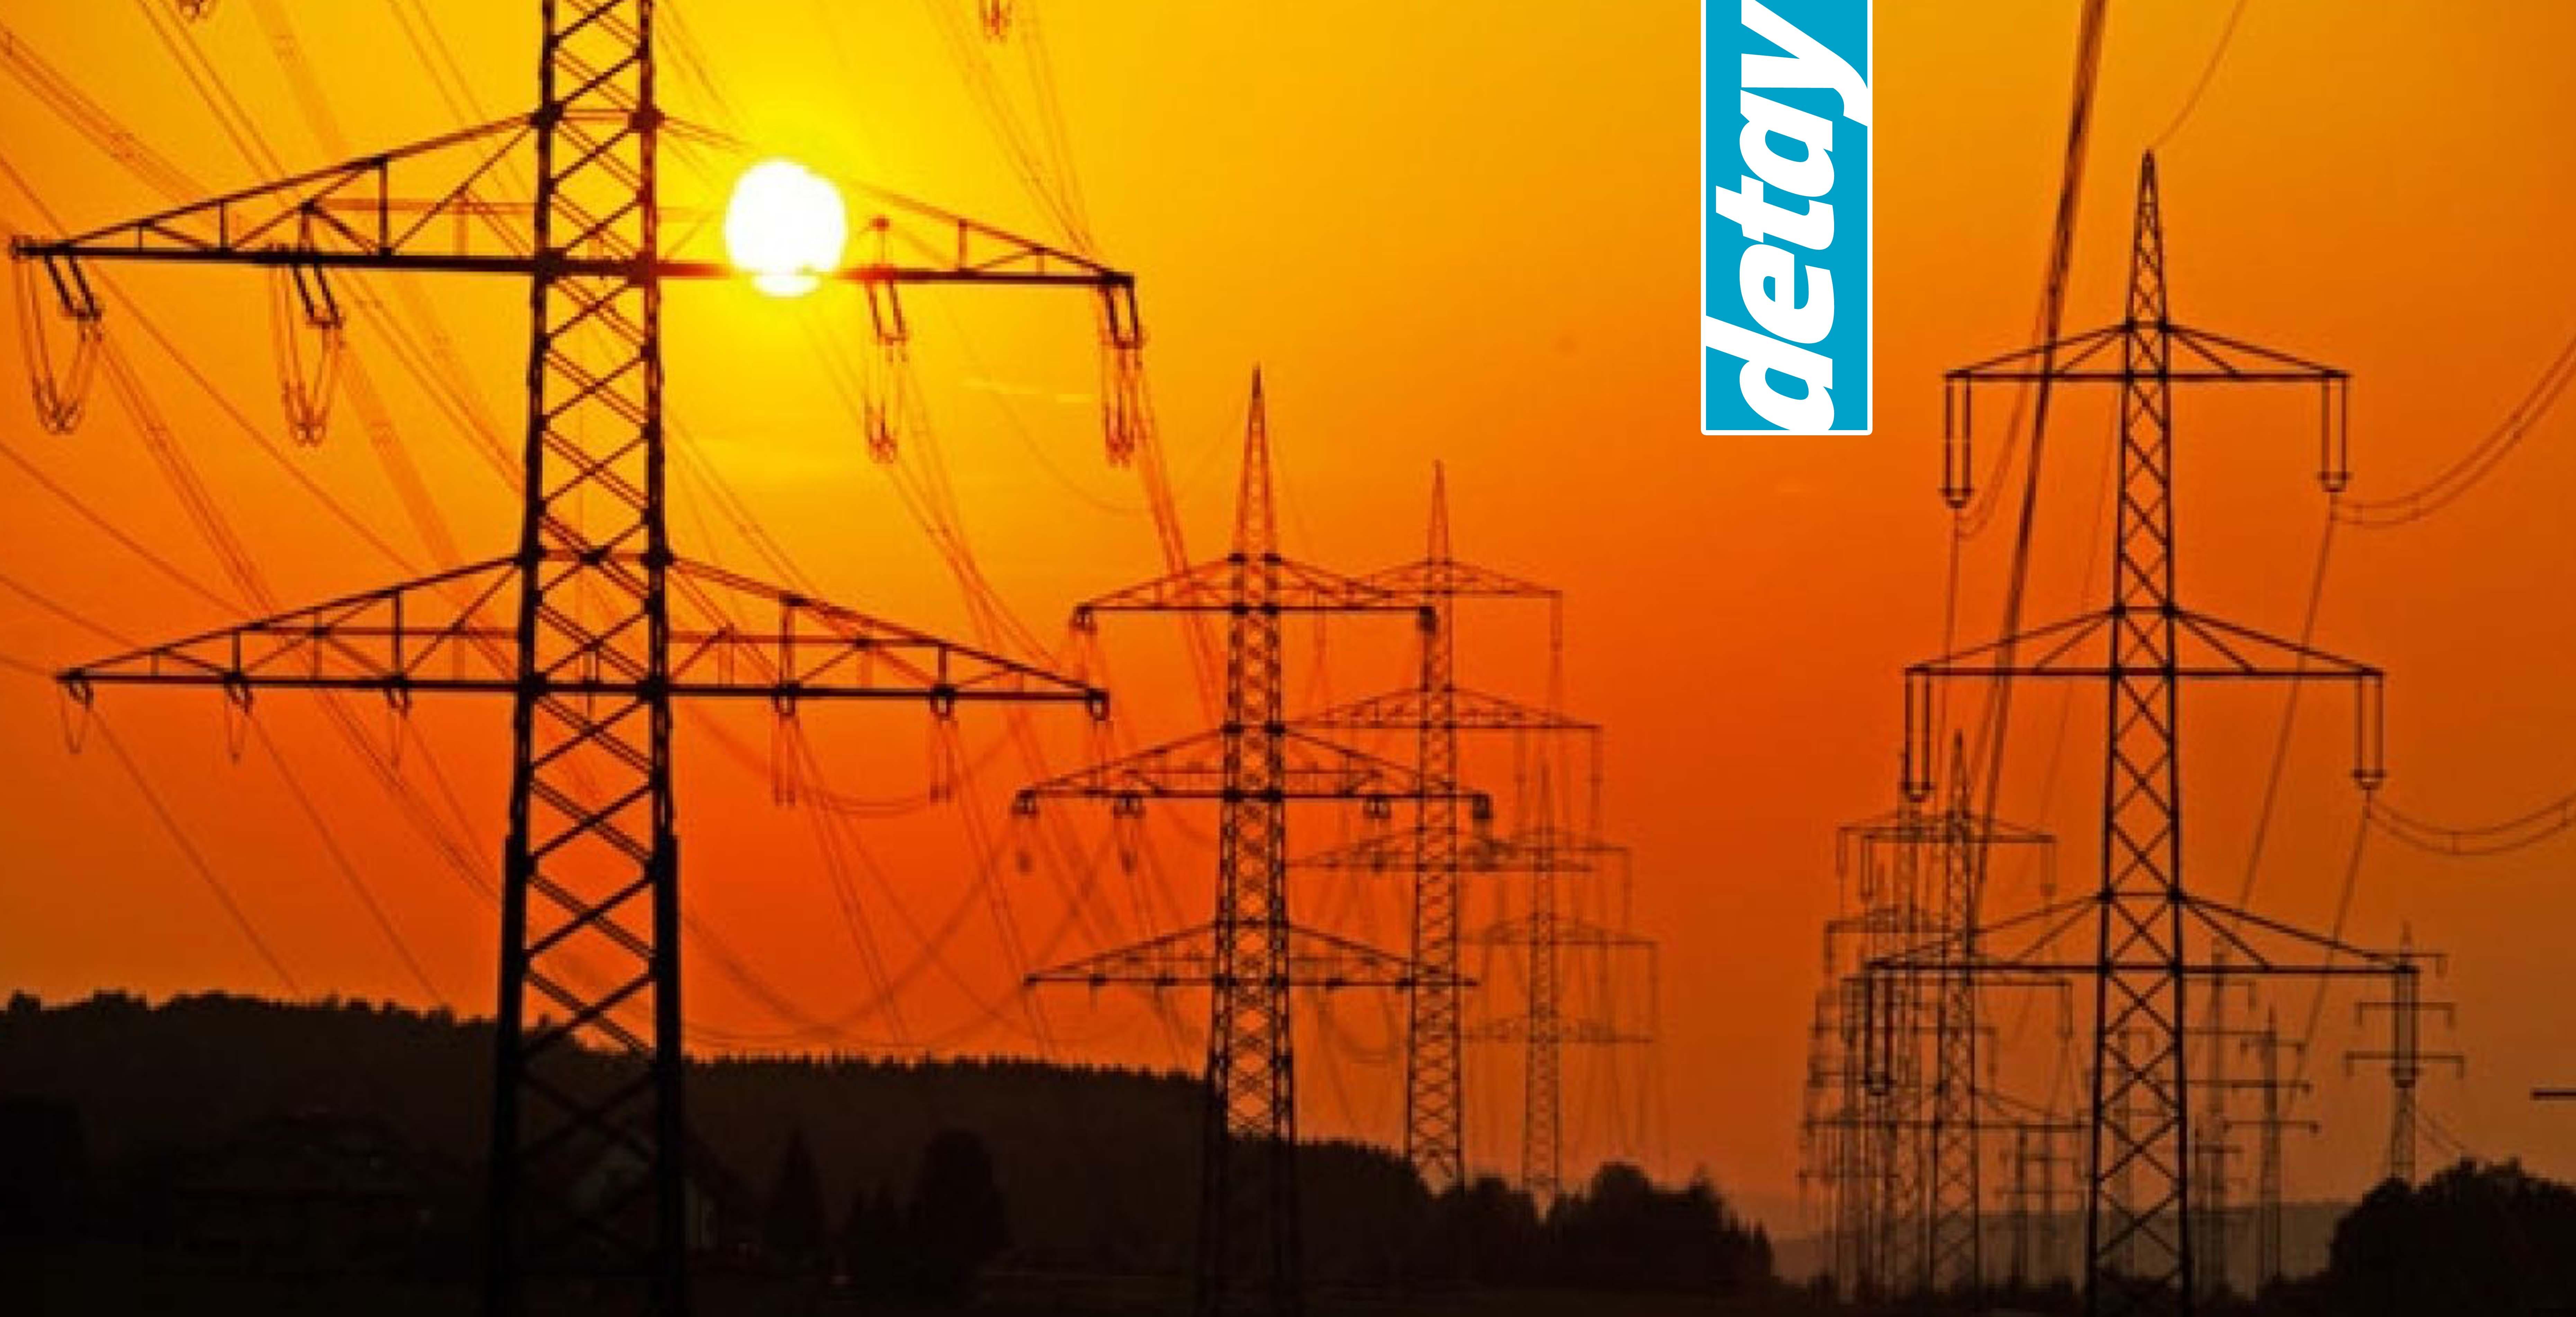 Çayırova ve civar köylere perşembe günü elektrik verilemeyecek